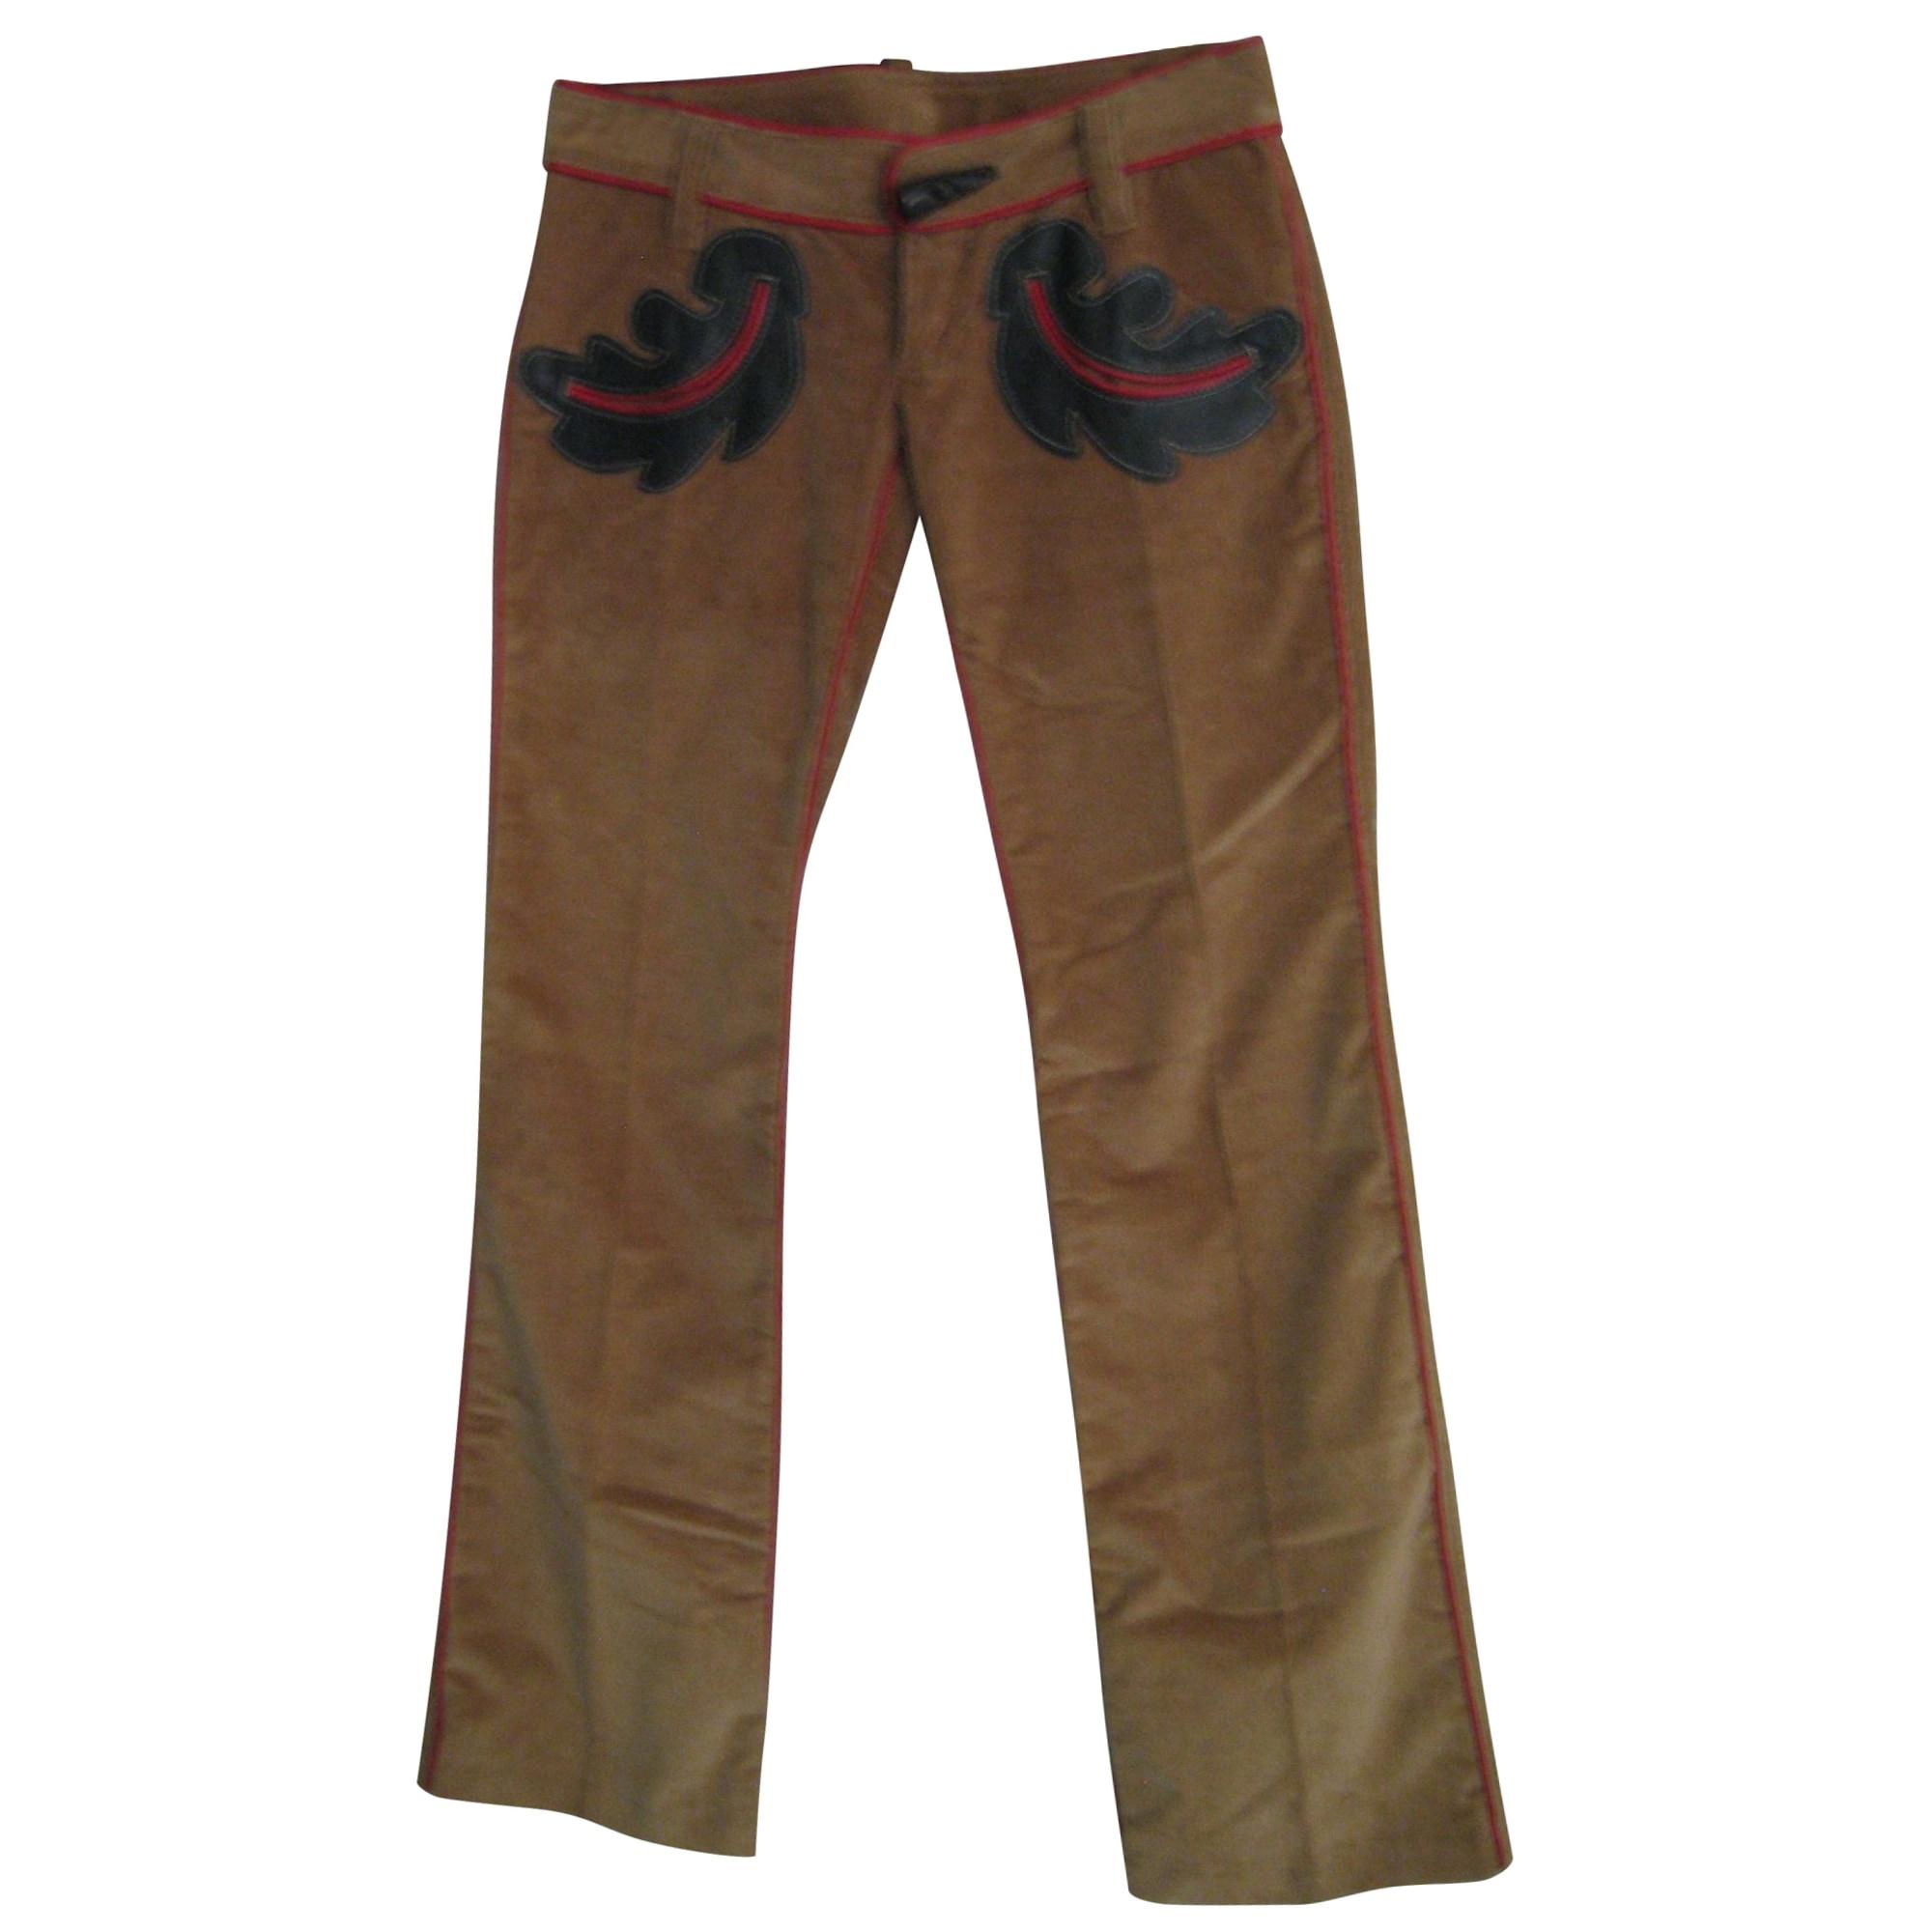 Pantalon évasé DSQUARED2 Beige, camel